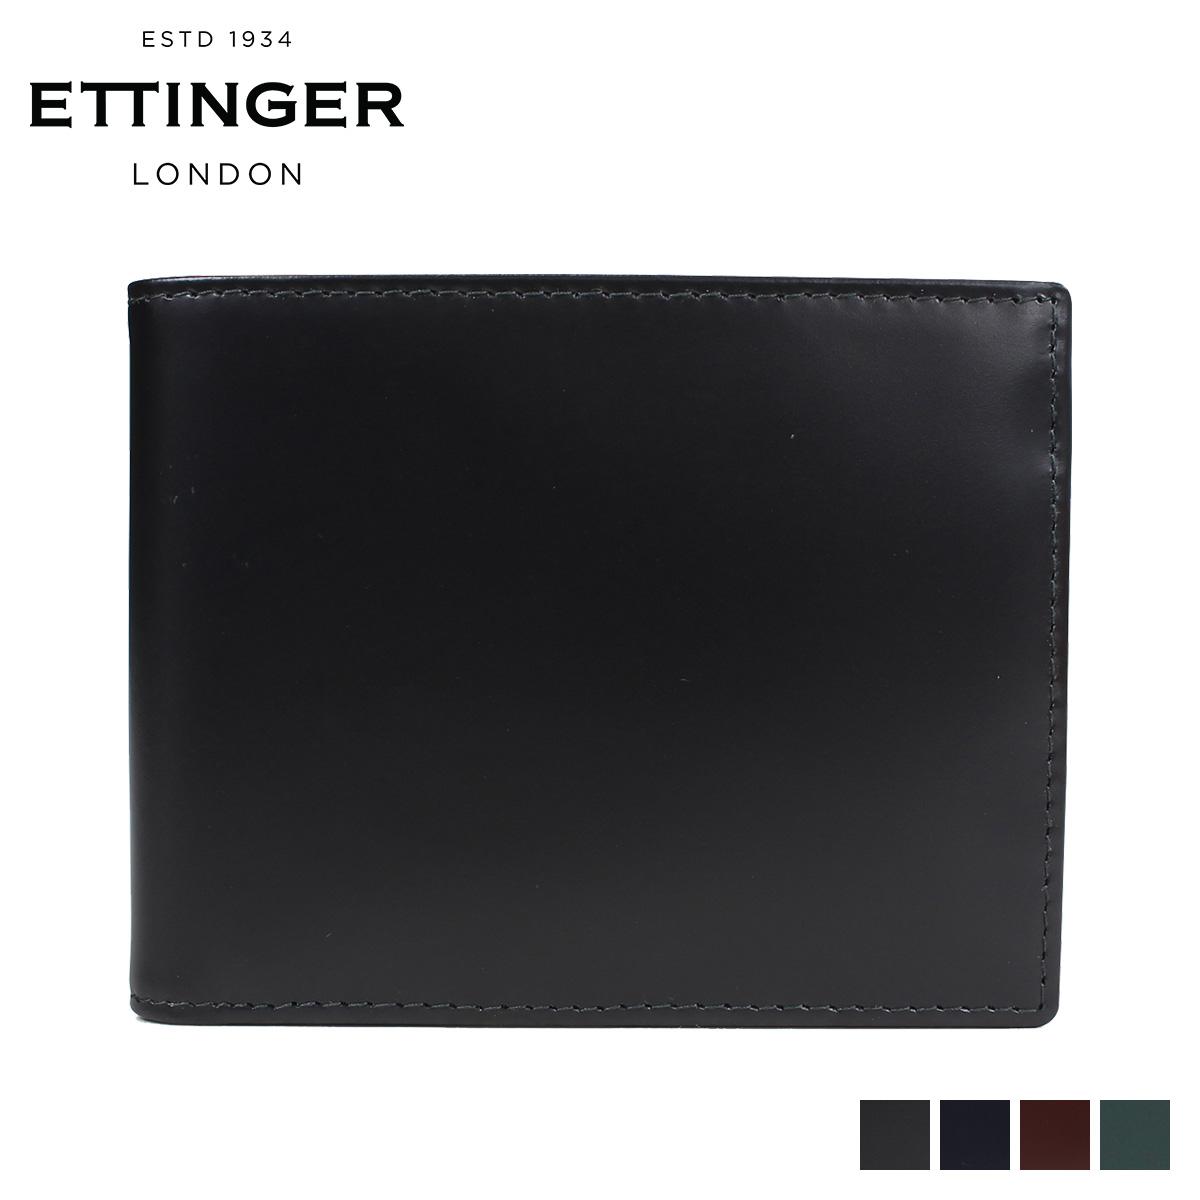 ETTINGER BRIDLE BILLFOLD WITH 3 C/C & PURSE エッティンガー 財布 二つ折り メンズ ブラック ネイビー ブラウン グリーン 黒 BH141JR [3/12 再入荷]